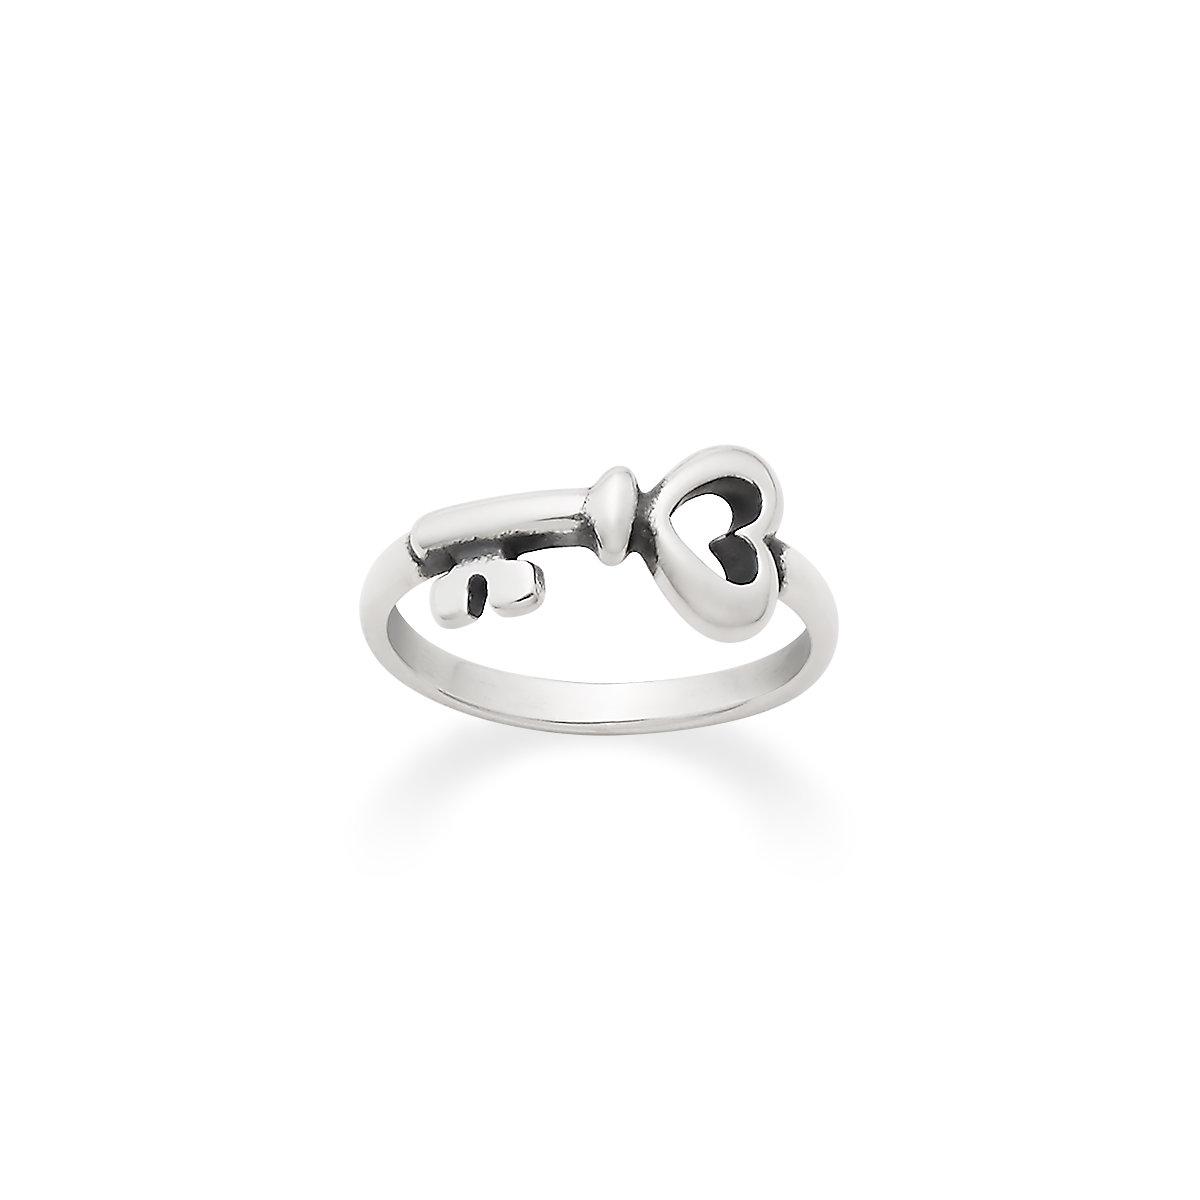 the hearts key ring